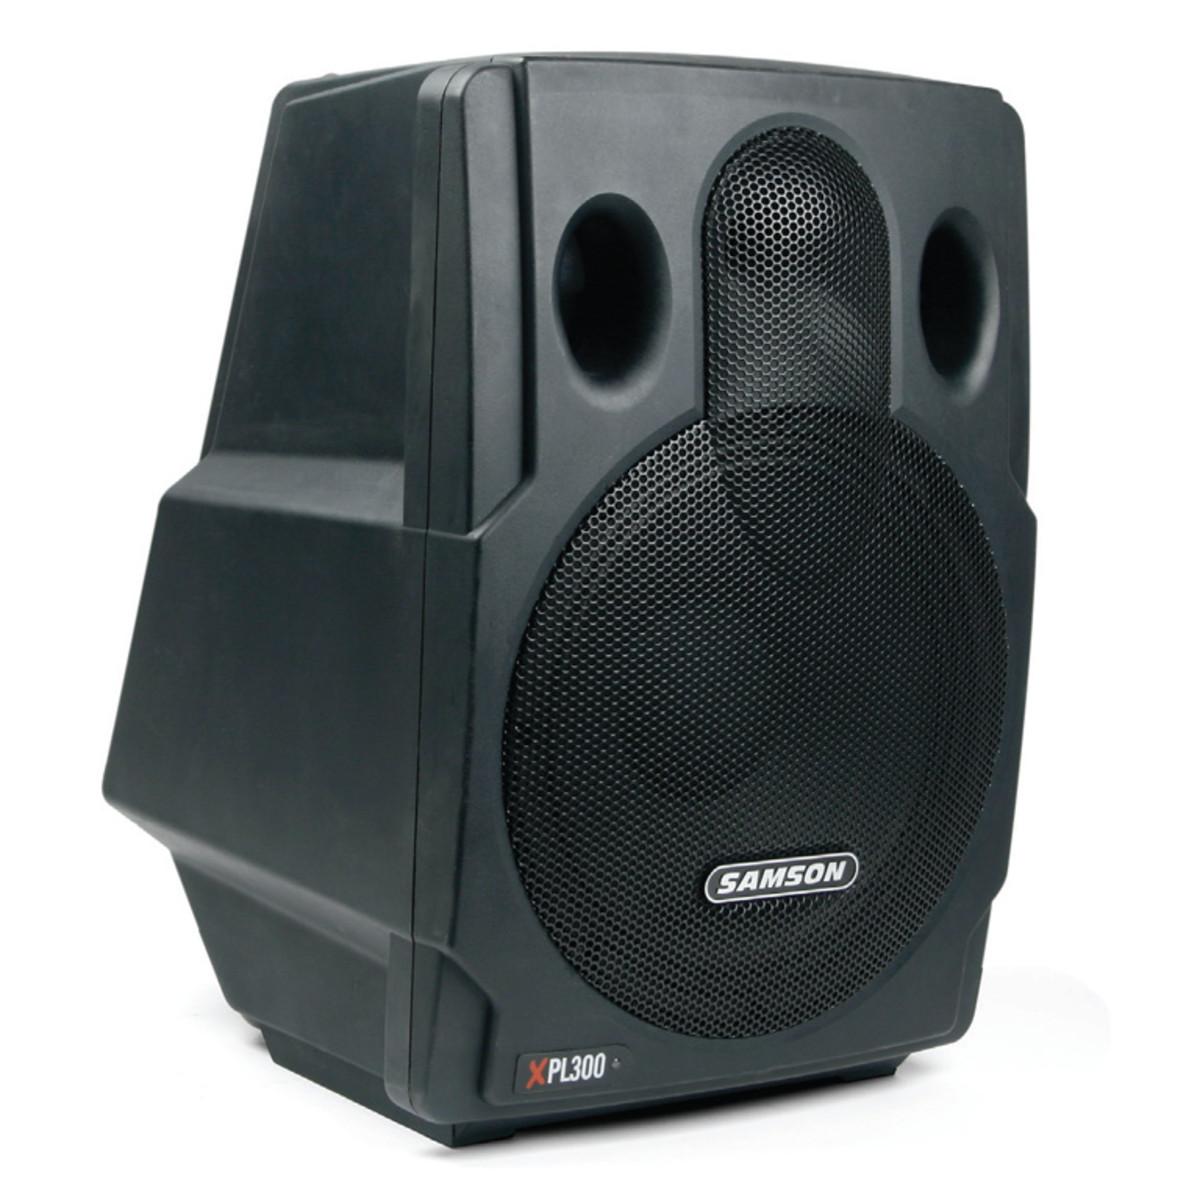 samson xpl300 syst me de sonorisation haut parleur chacun. Black Bedroom Furniture Sets. Home Design Ideas